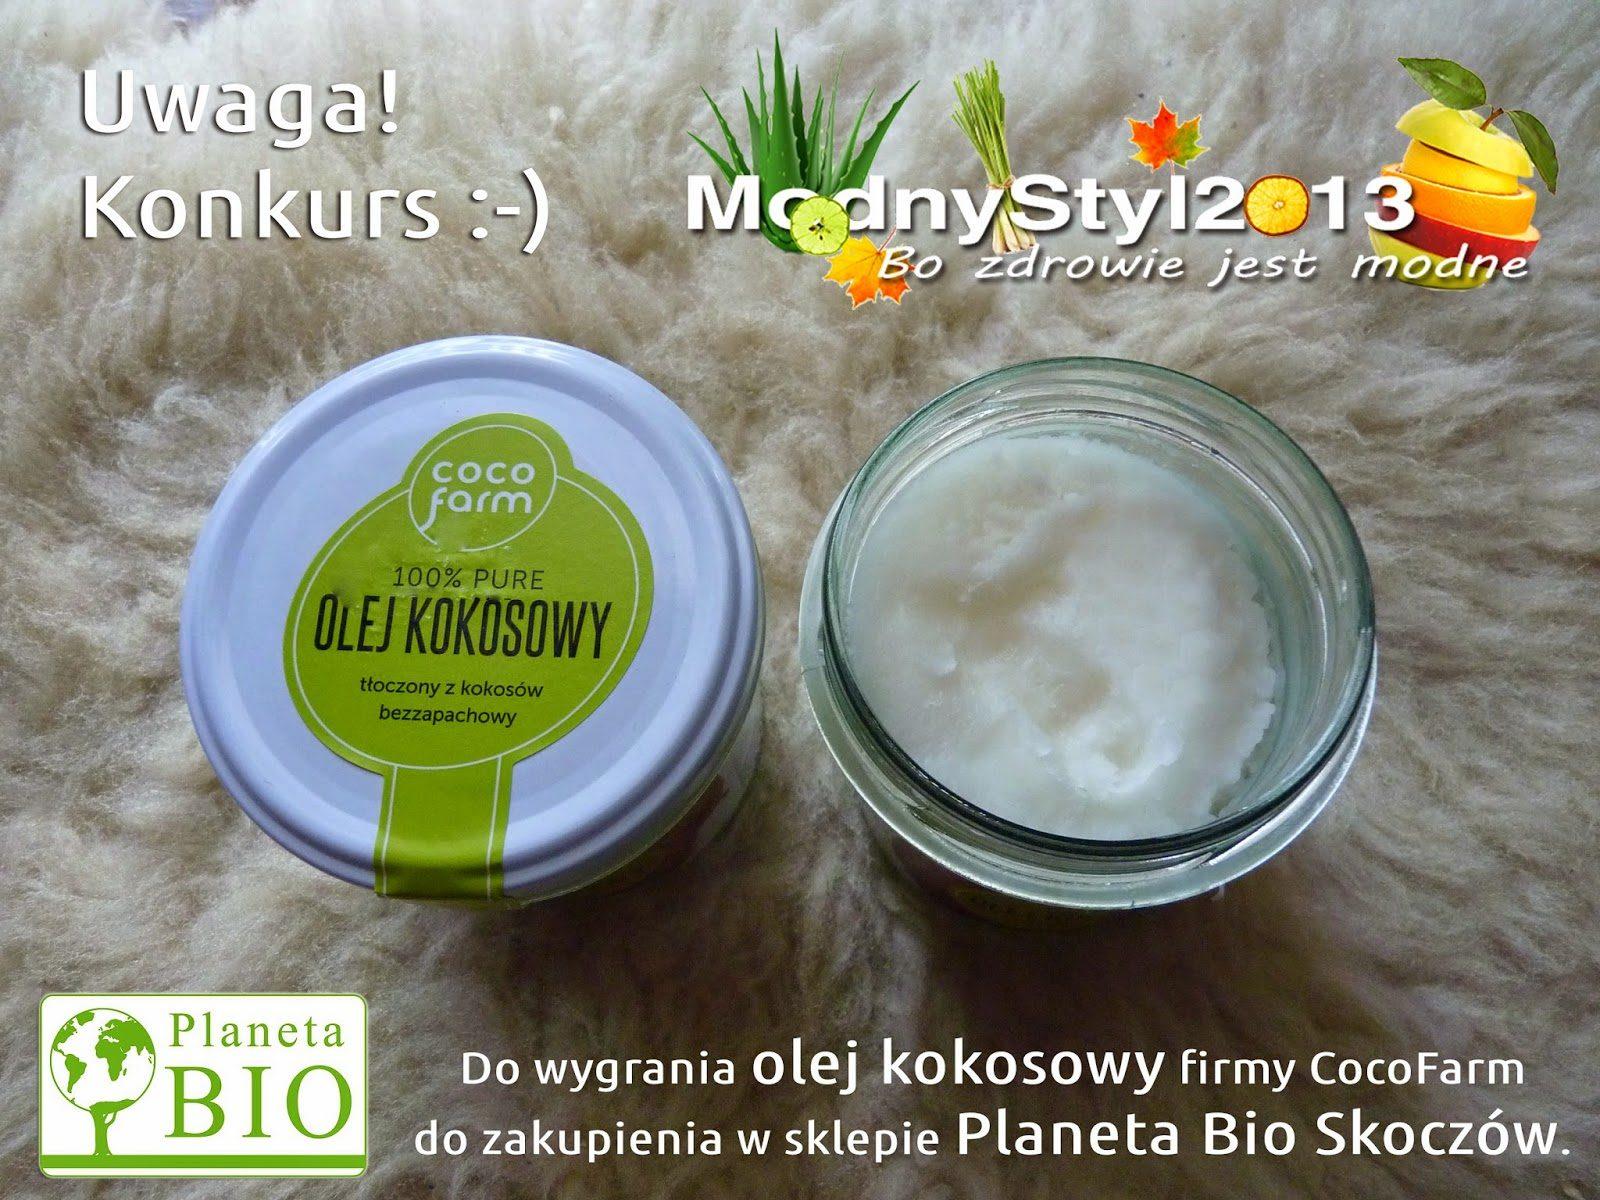 olejkokosowy-3177039